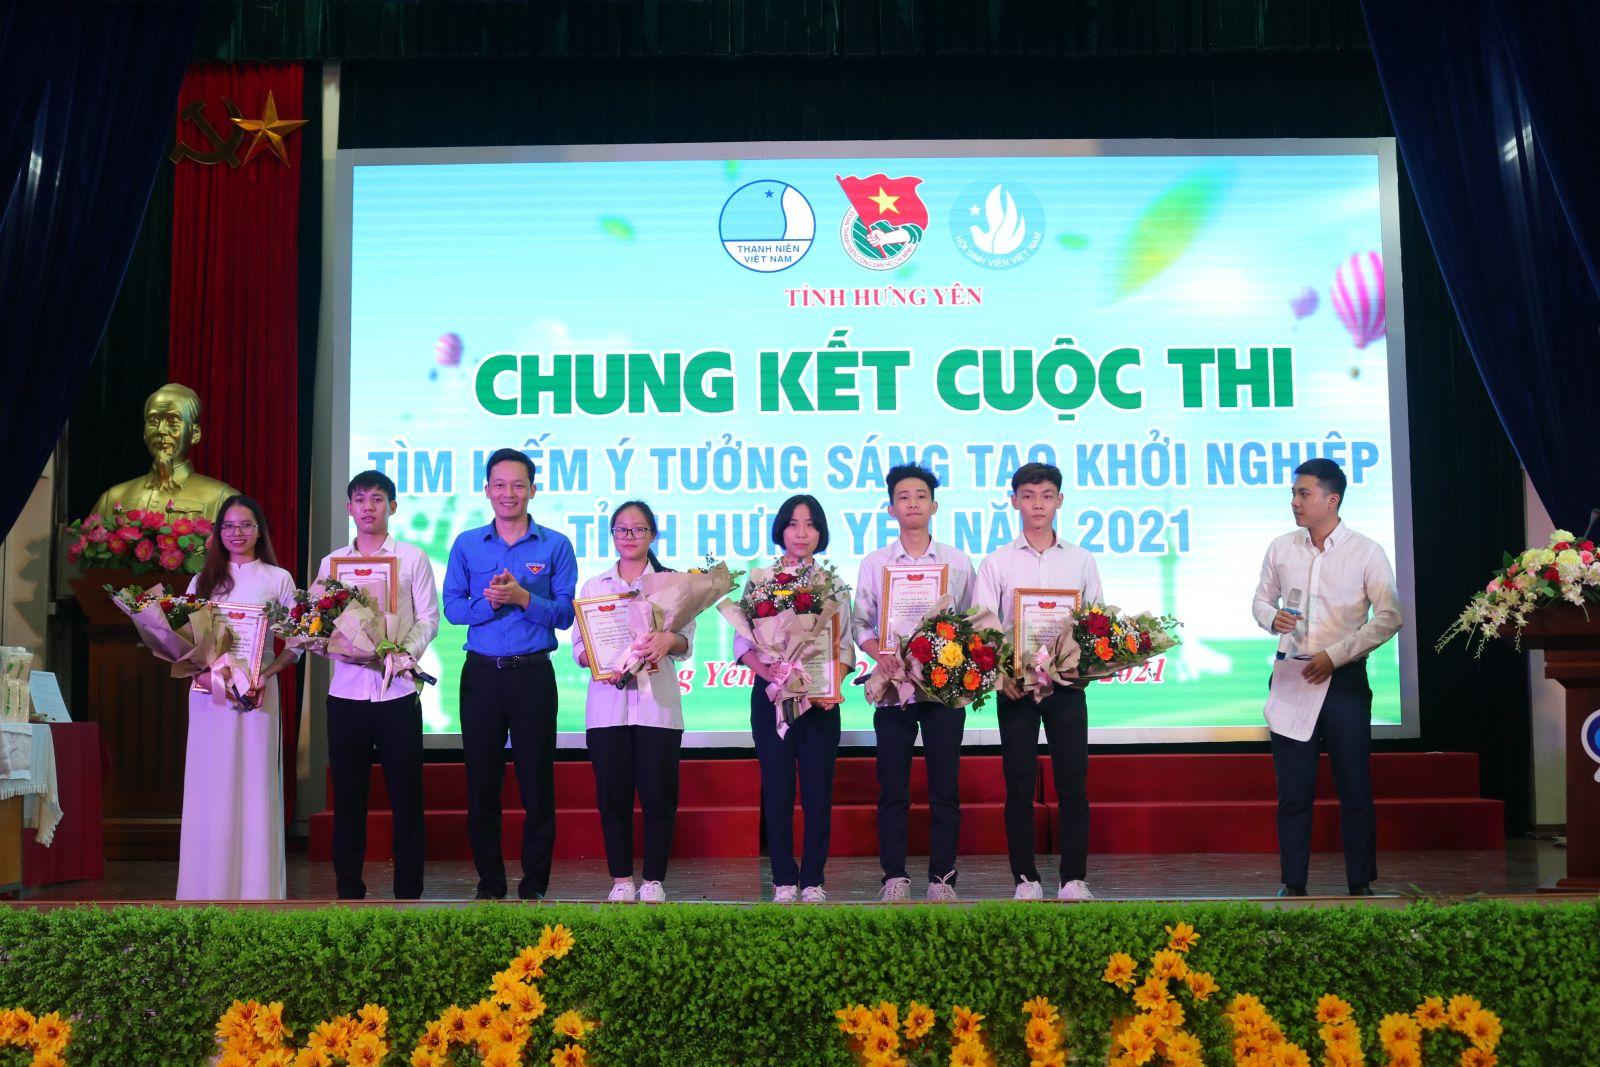 """Chung kết Cuộc thi """"Tìm kiếm ý tưởng sáng tạo khởi nghiệp""""  tỉnh Hưng Yên năm 2021"""